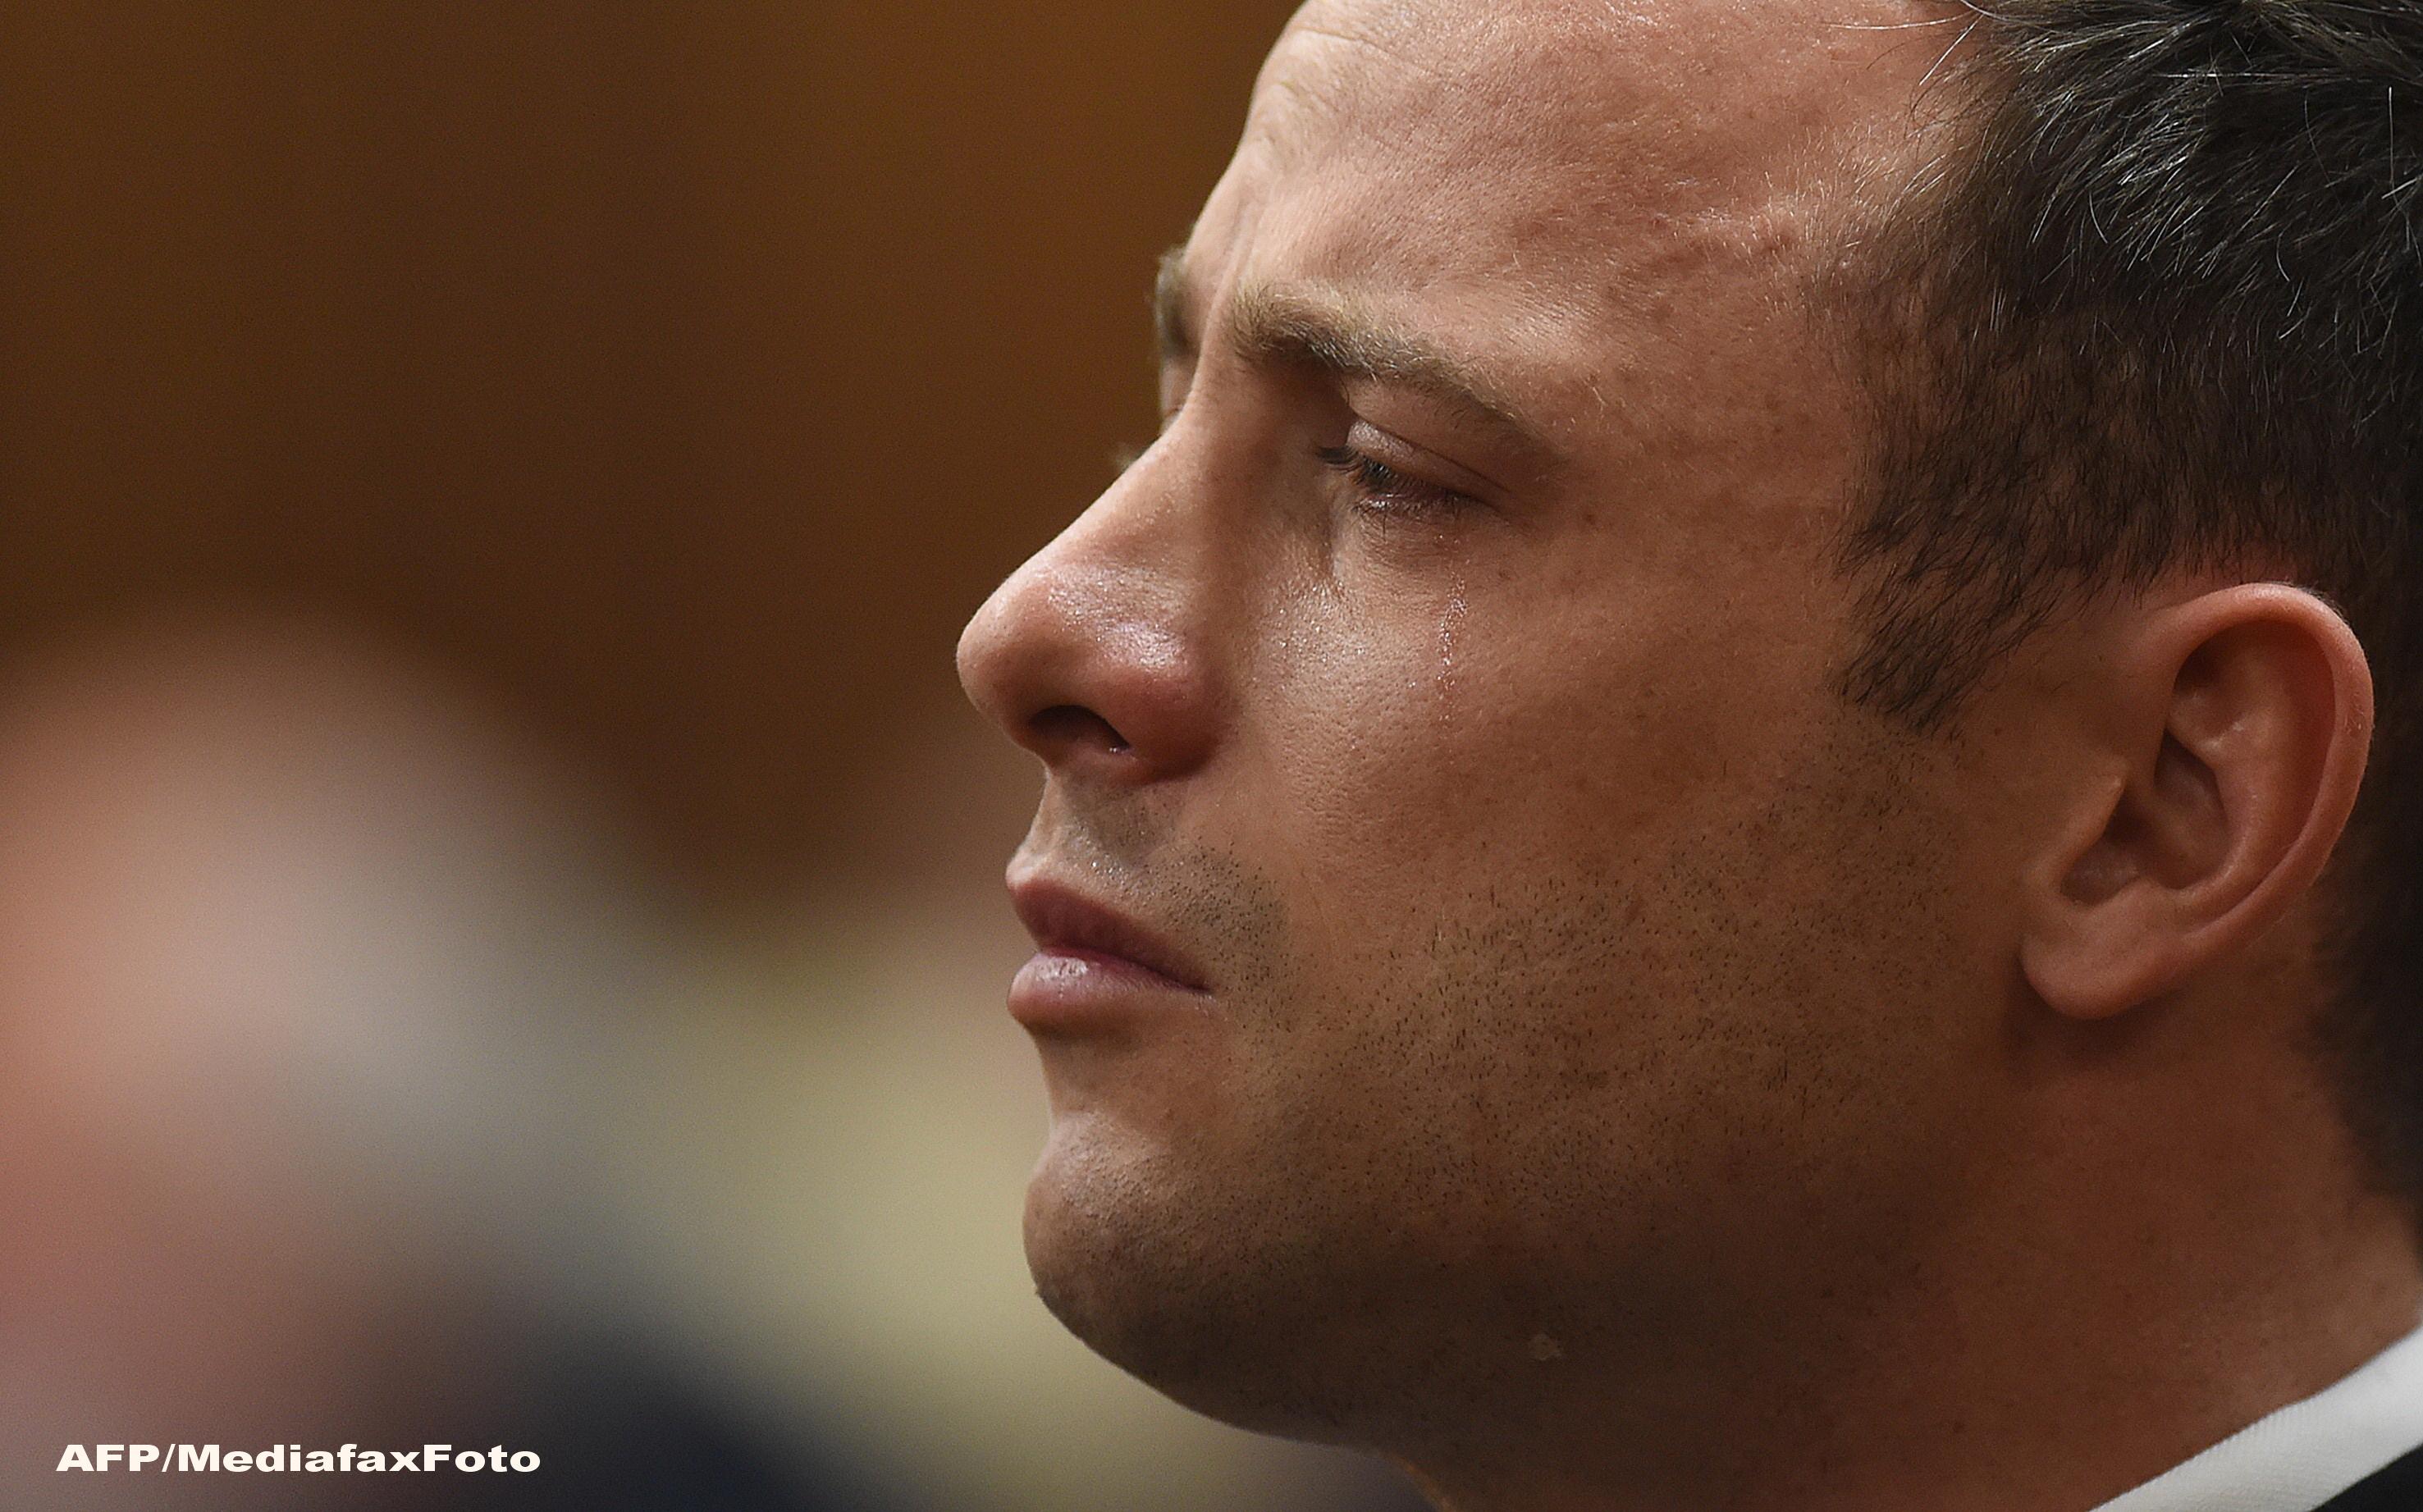 Oscar Pistorius a fost gasit VINOVAT de ucidere din culpa. Sportivul ramane liber pe cautiune pana la pronuntarea pedepsei